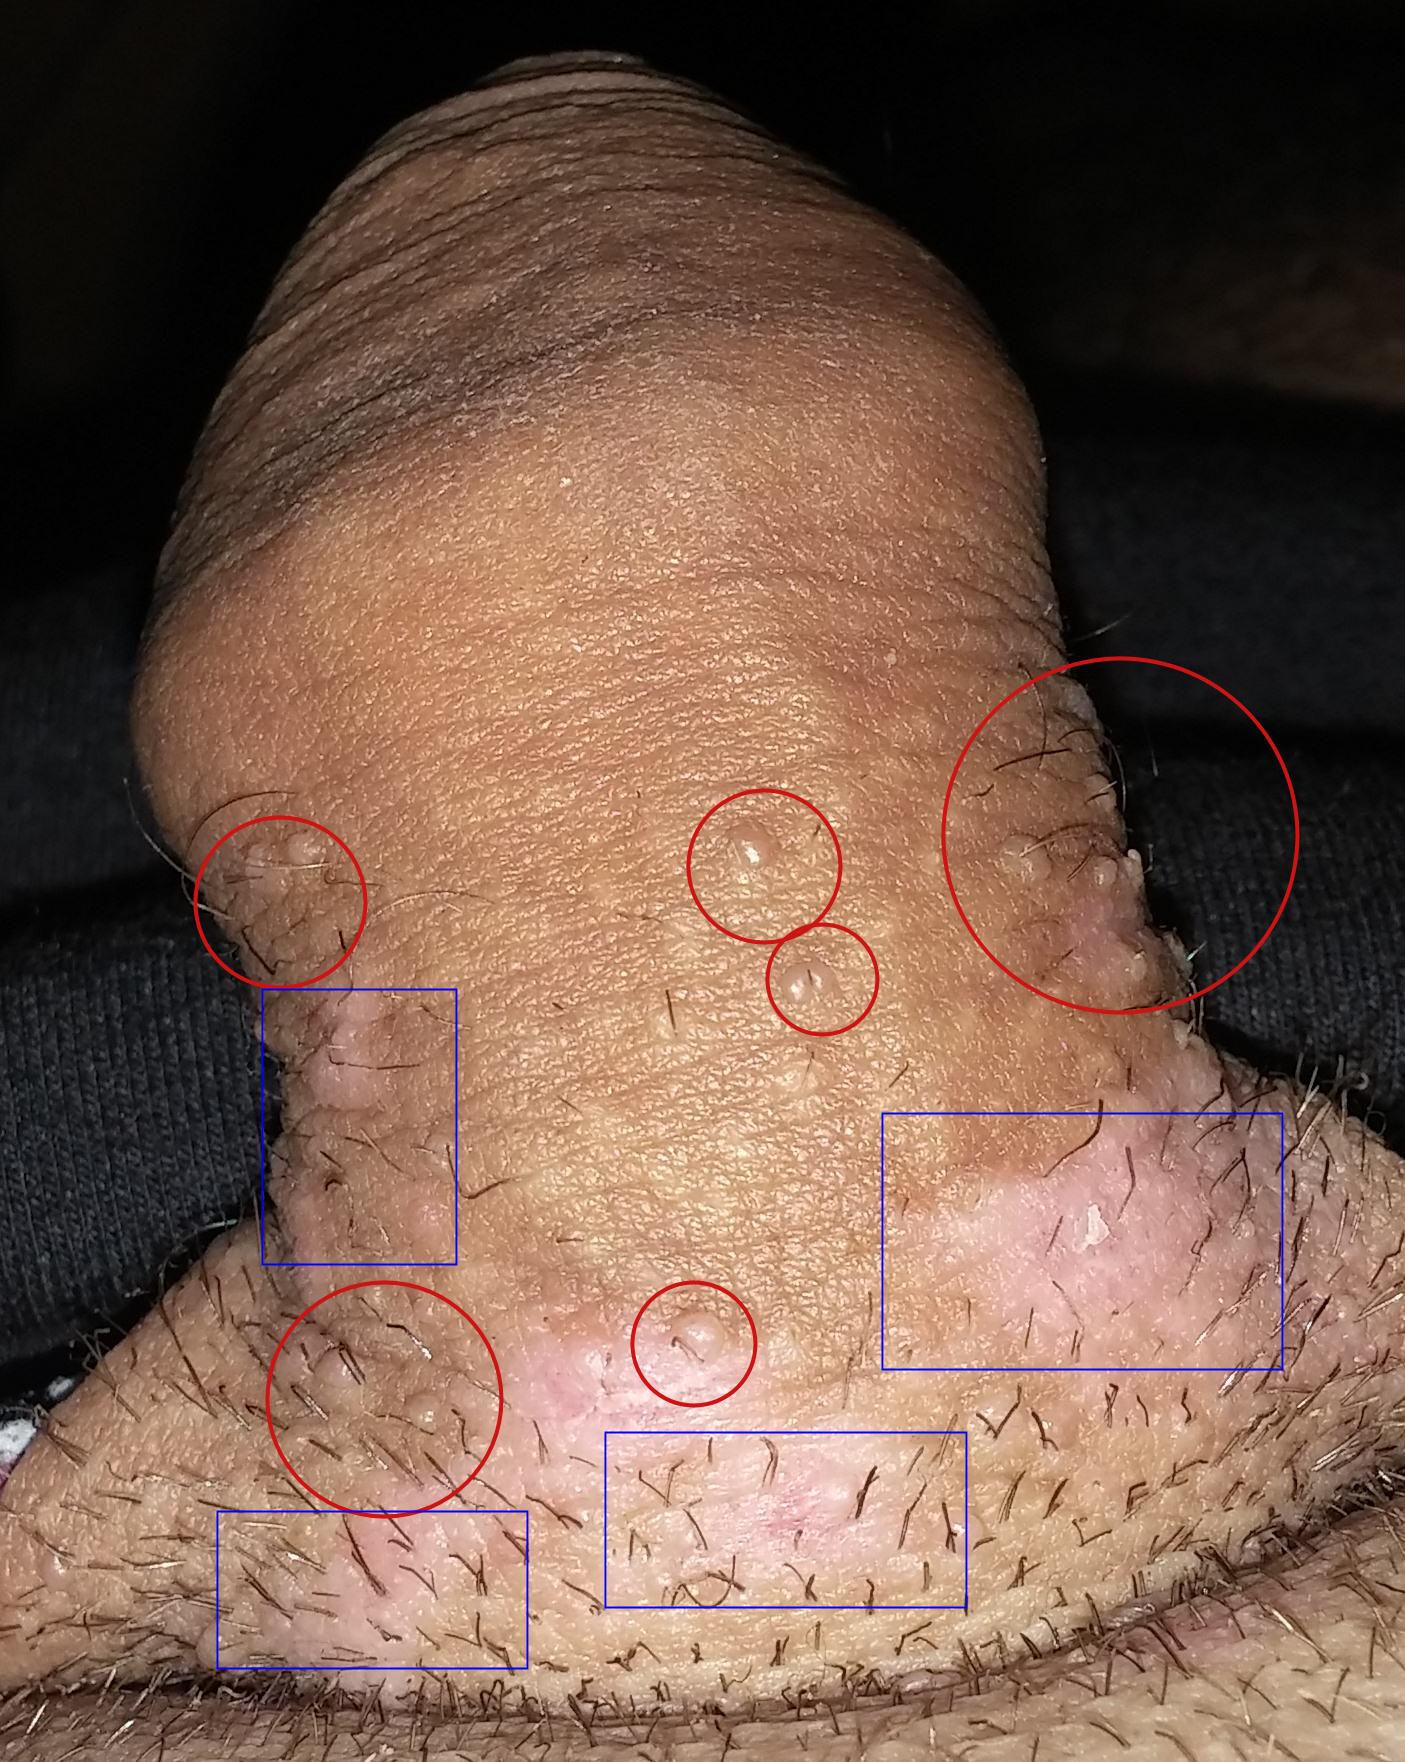 hpv verrues genitales